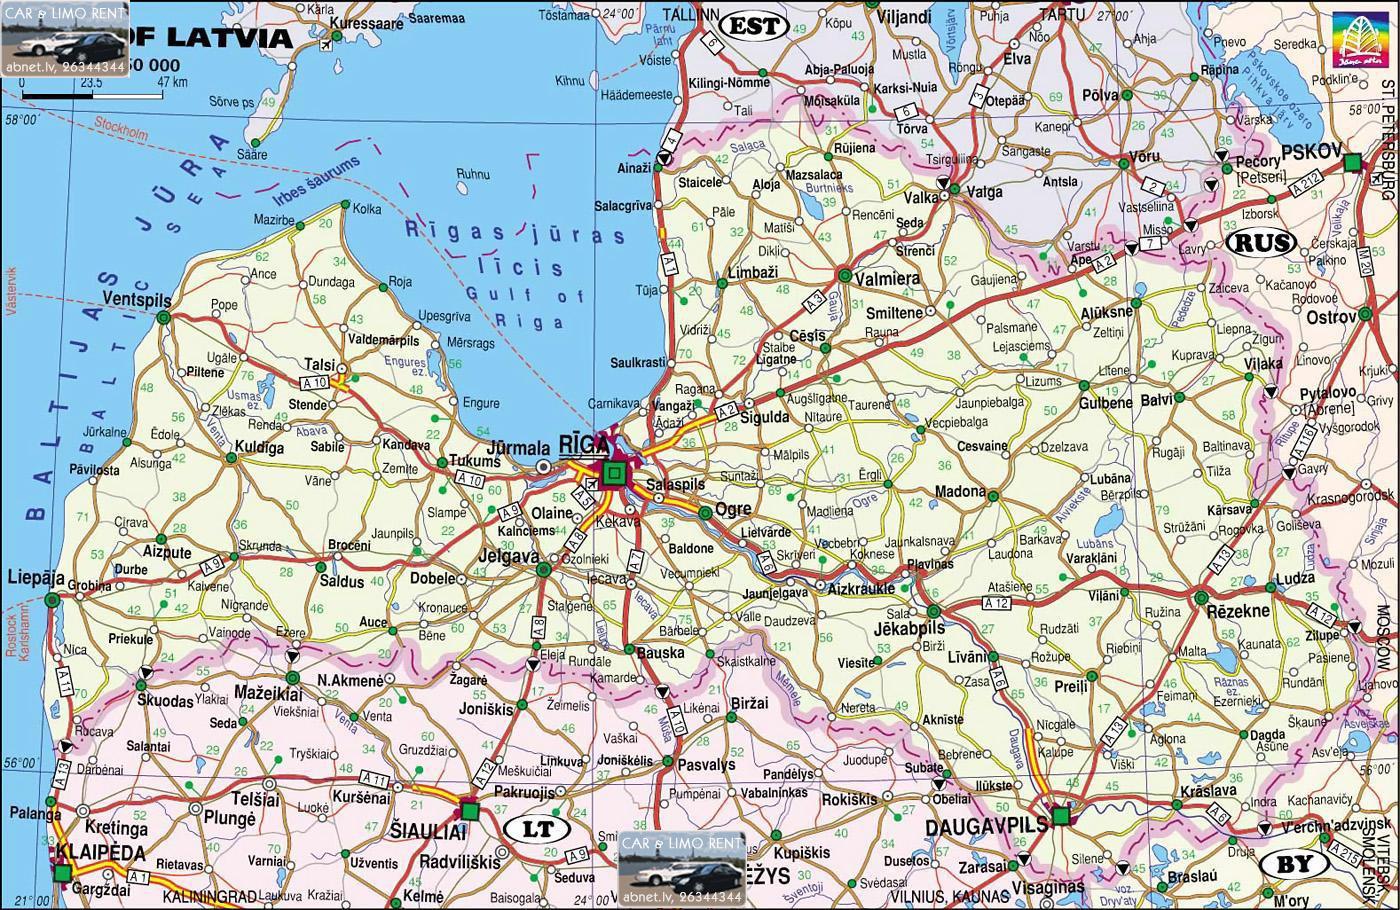 Mapa de Estradas da Letónia 14